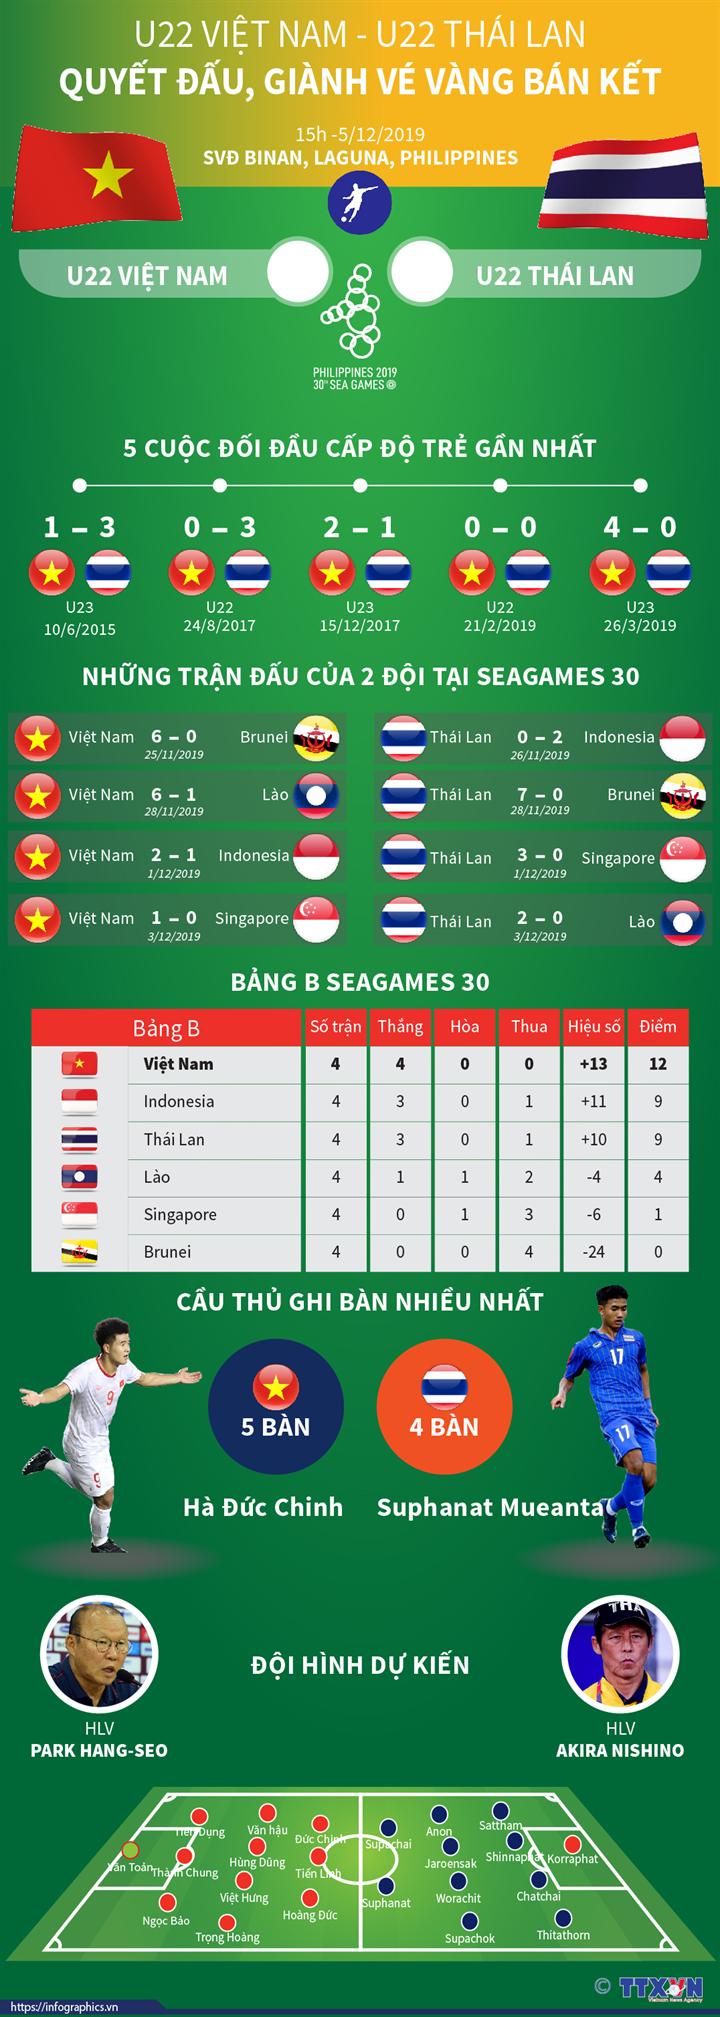 U22 Việt Nam-U22 Thái Lan: Quyết đấu, giành vé Vàng bán kết